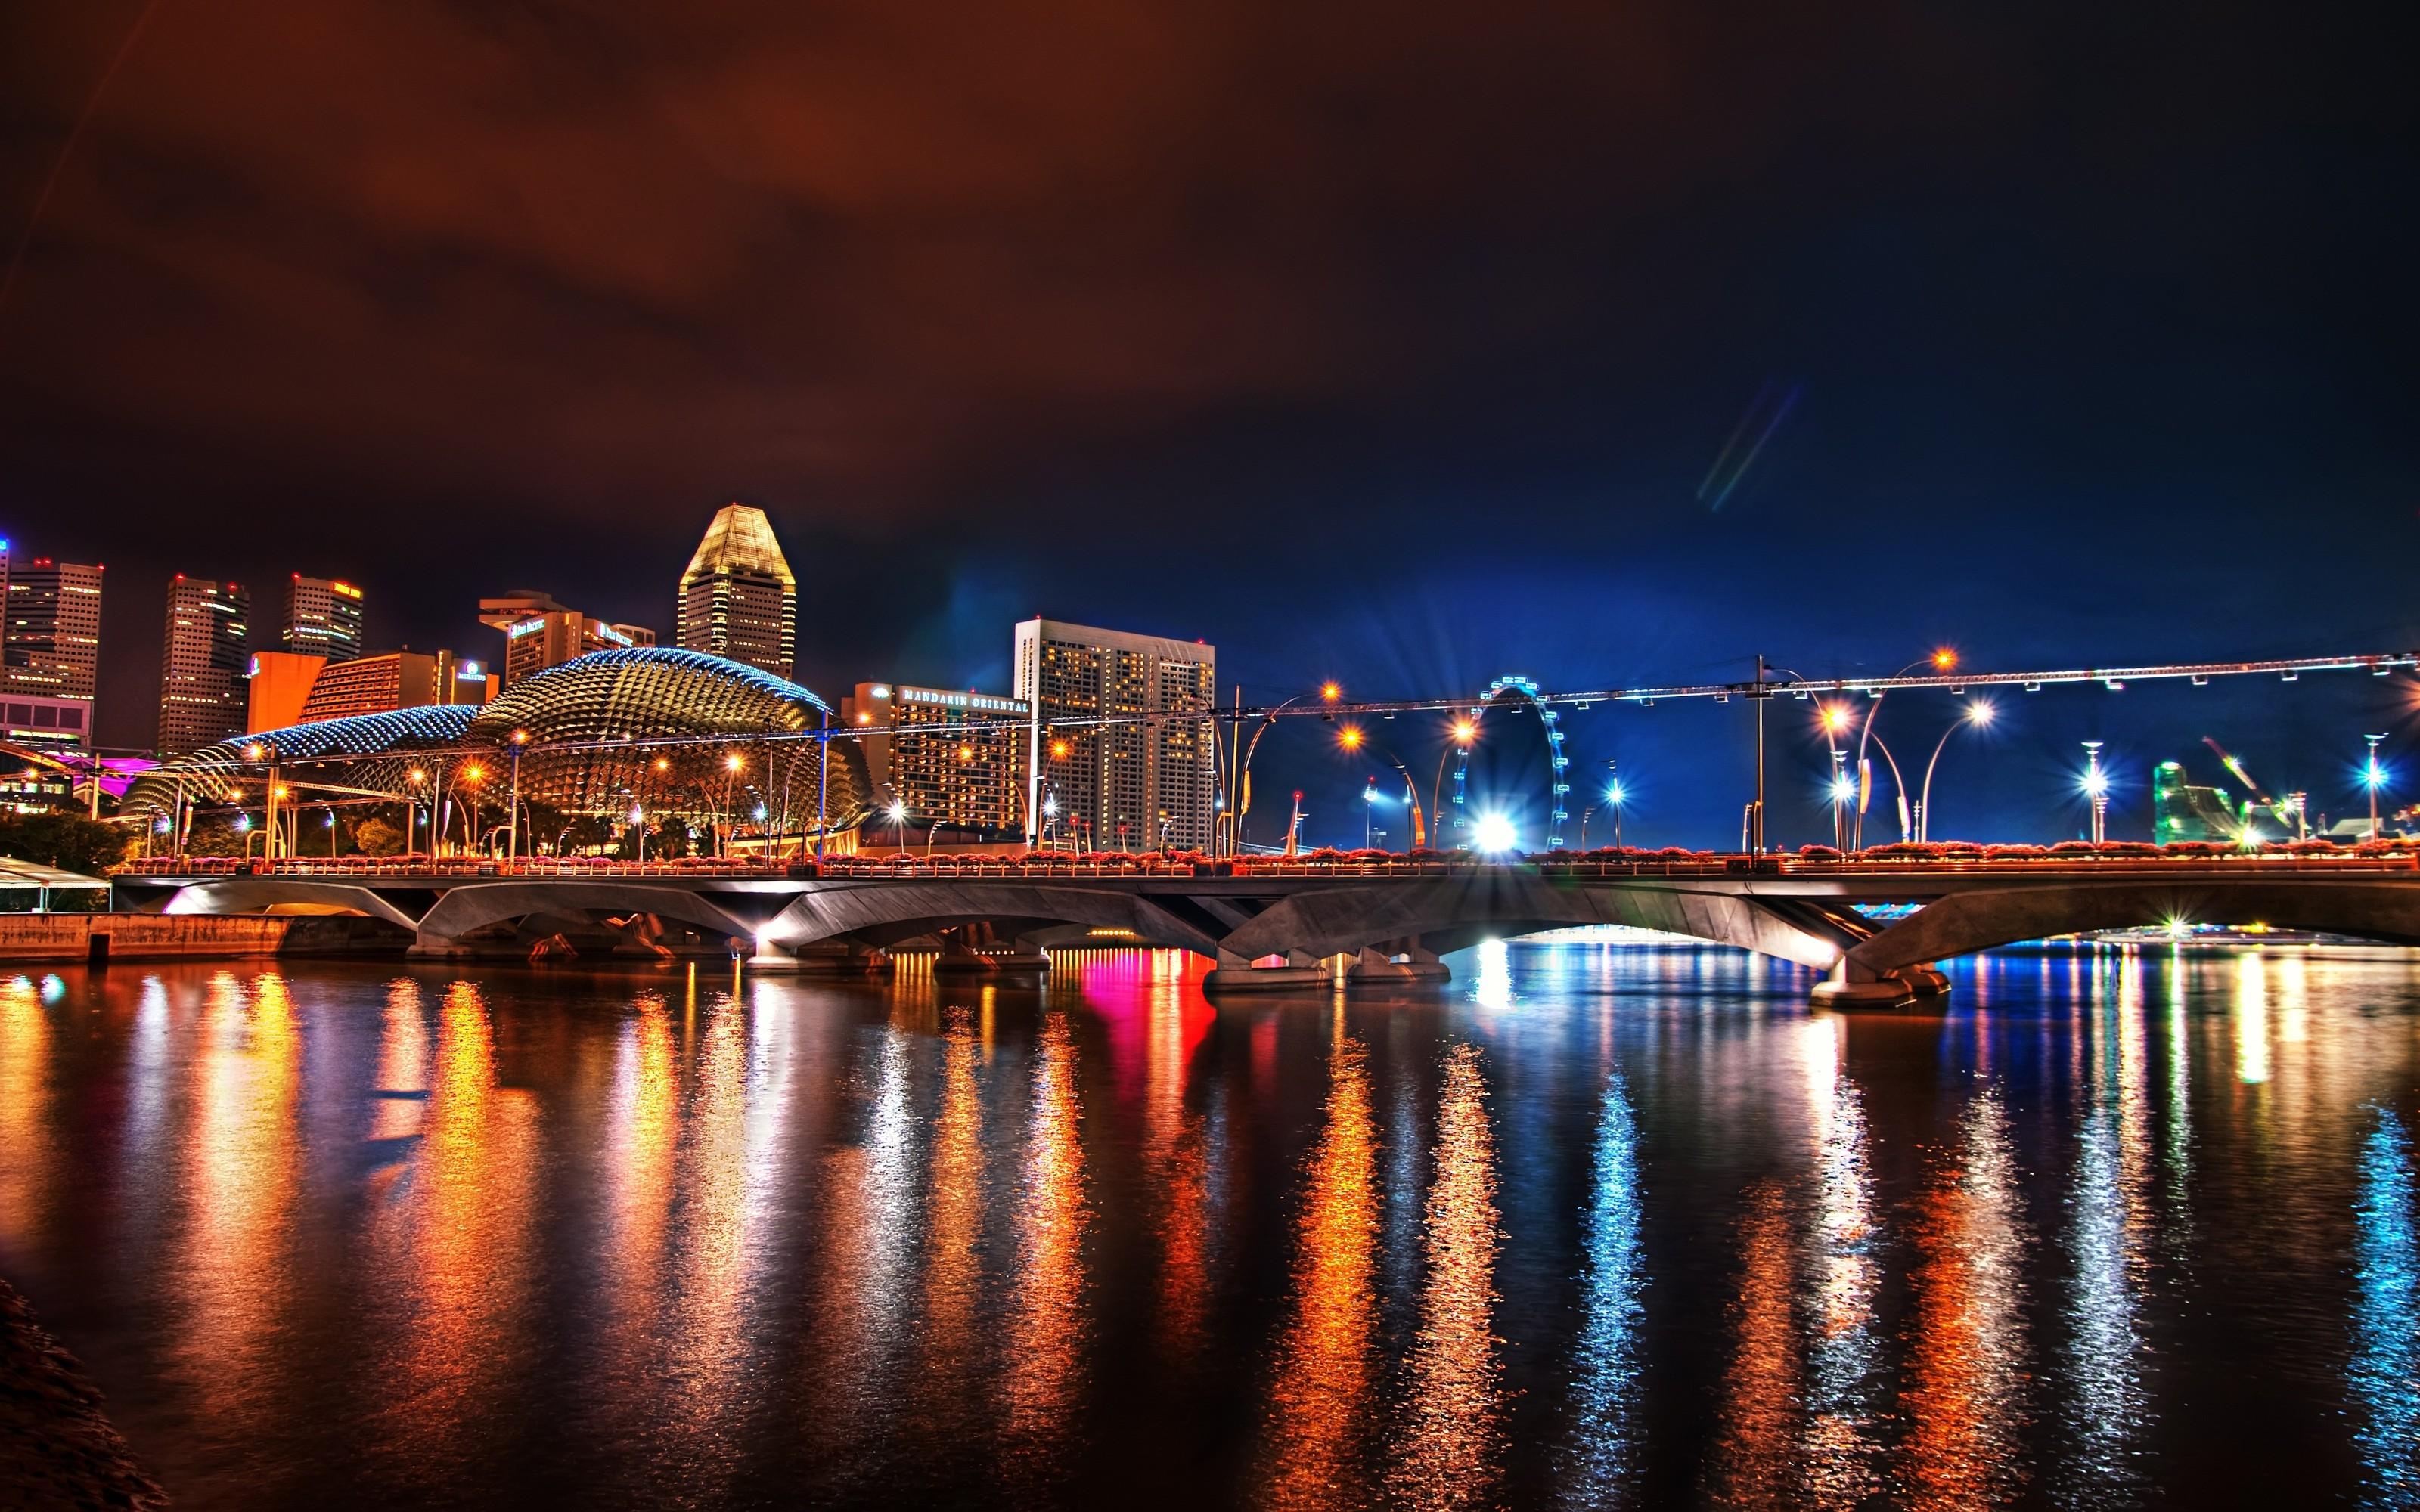 HD City Light-wallpaper-22 jpg